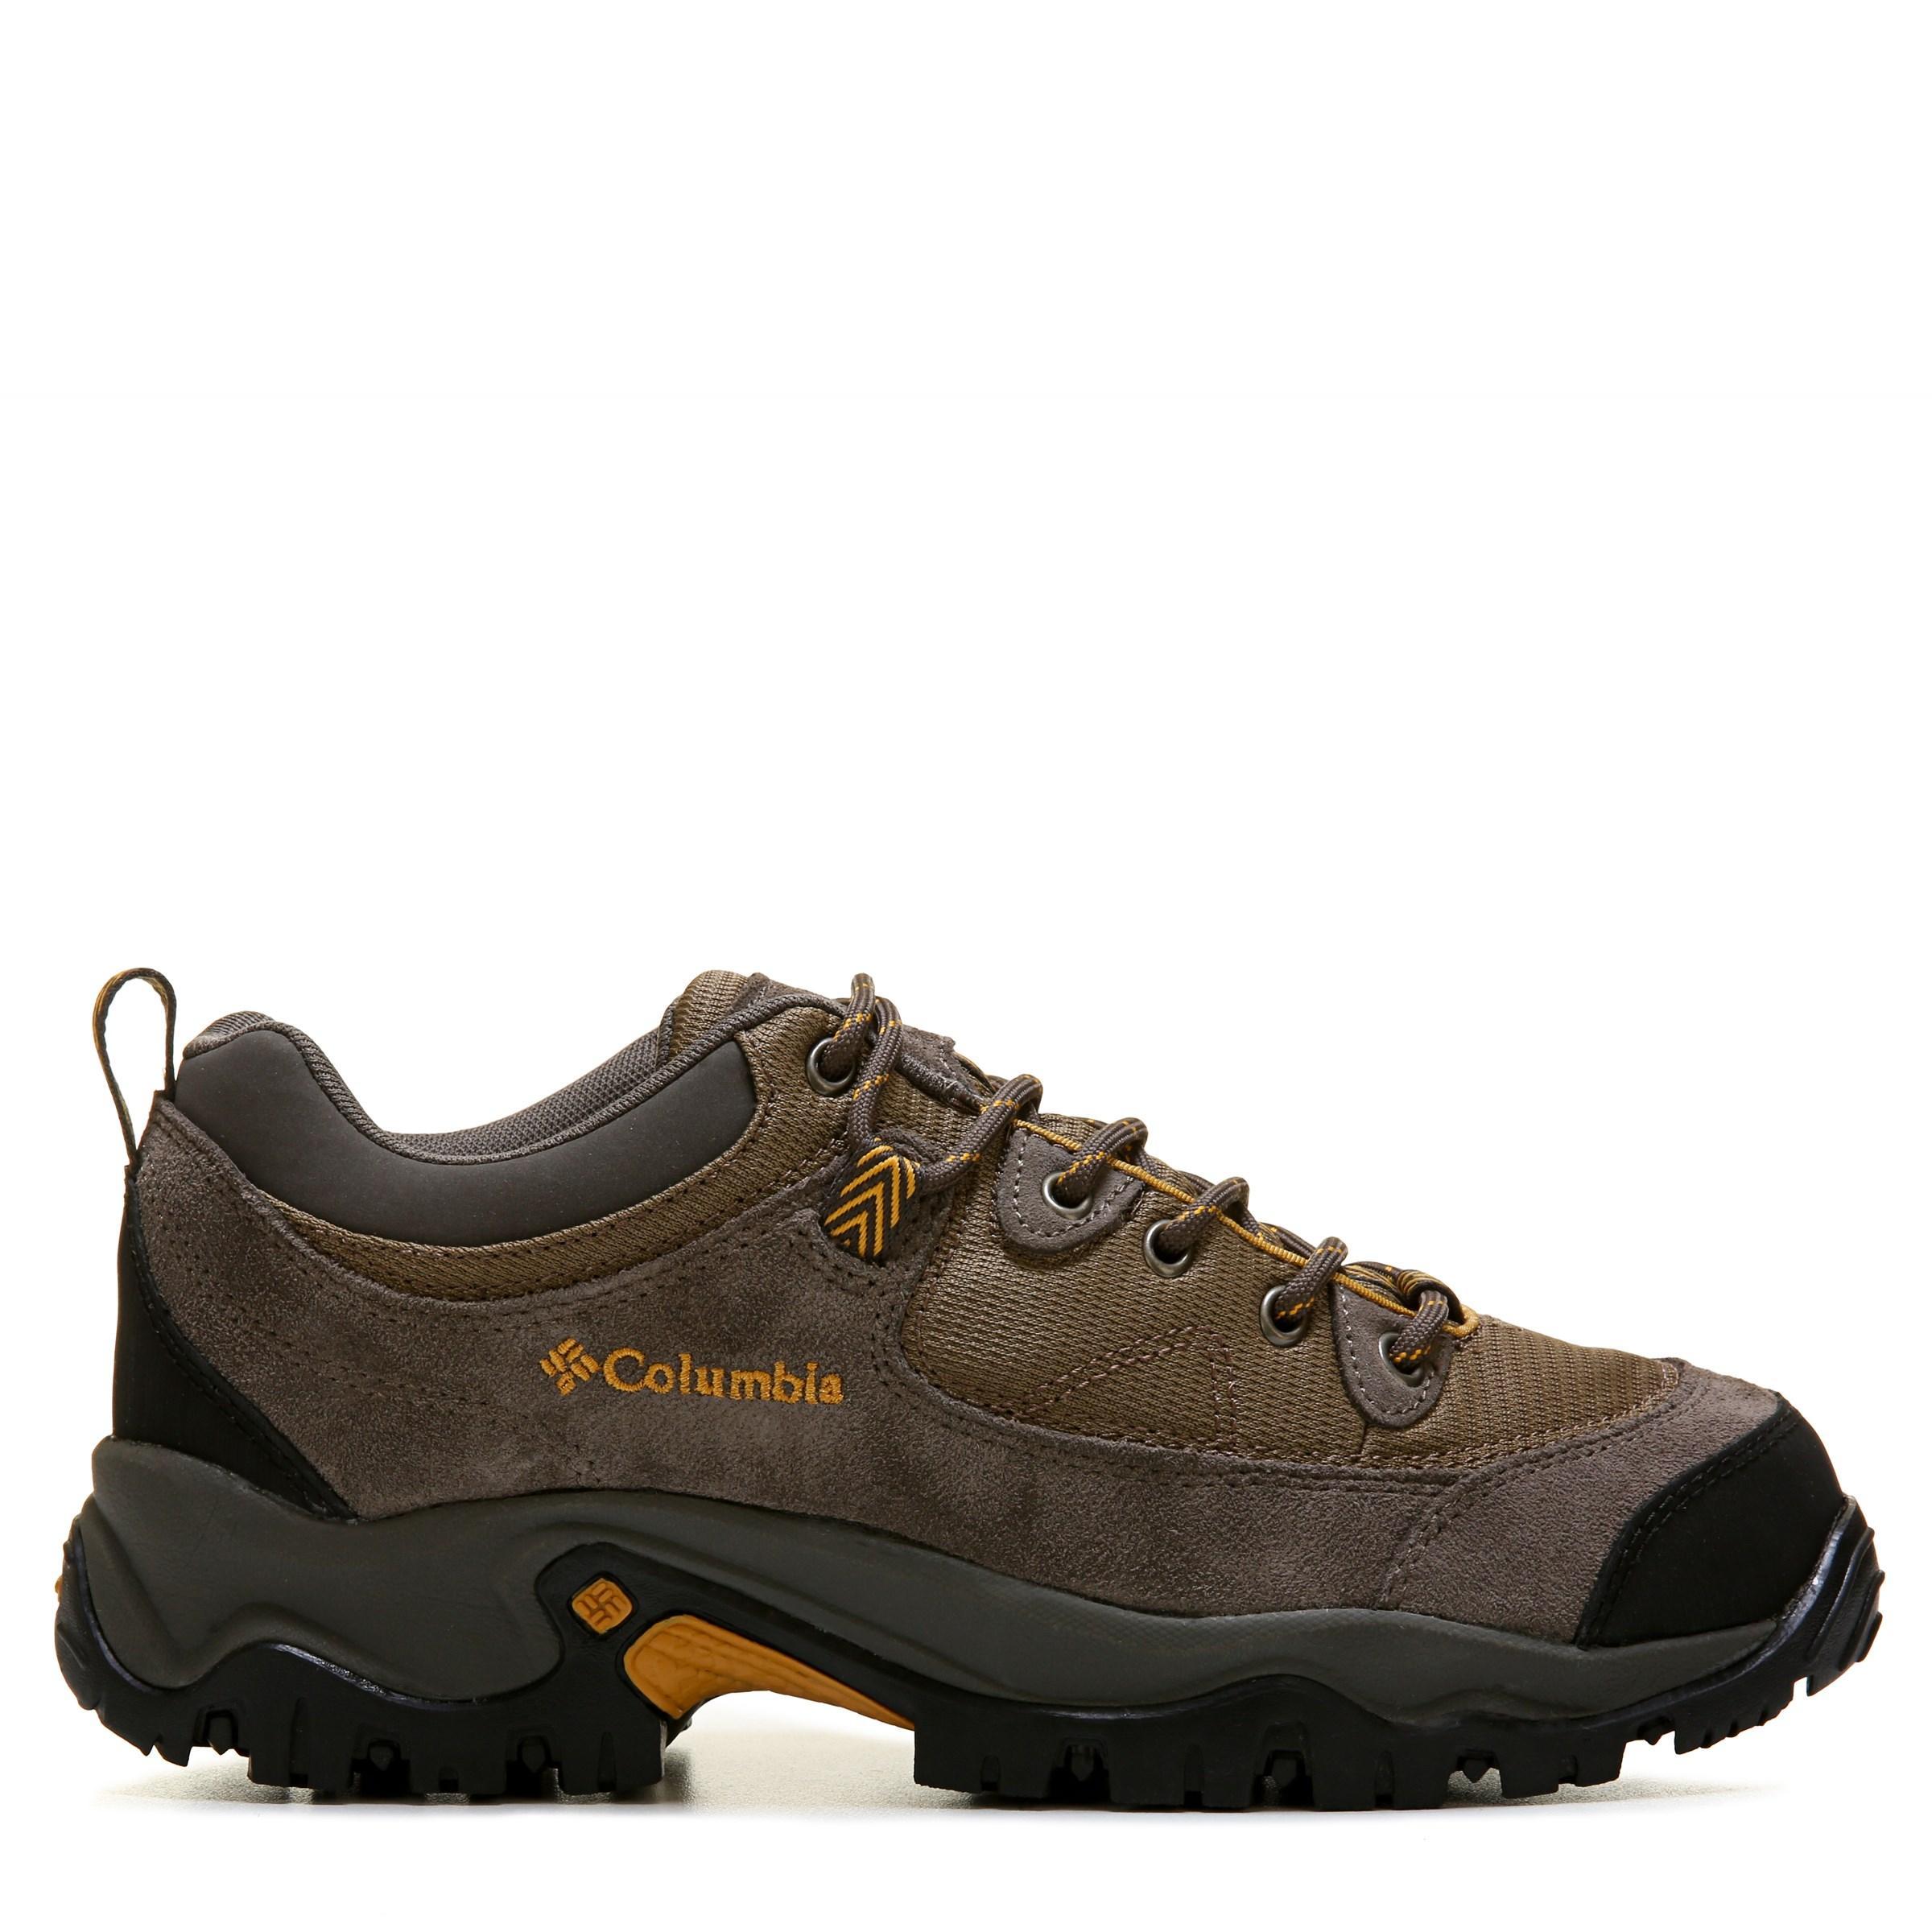 Columbia Leather Birkie Trail Medium